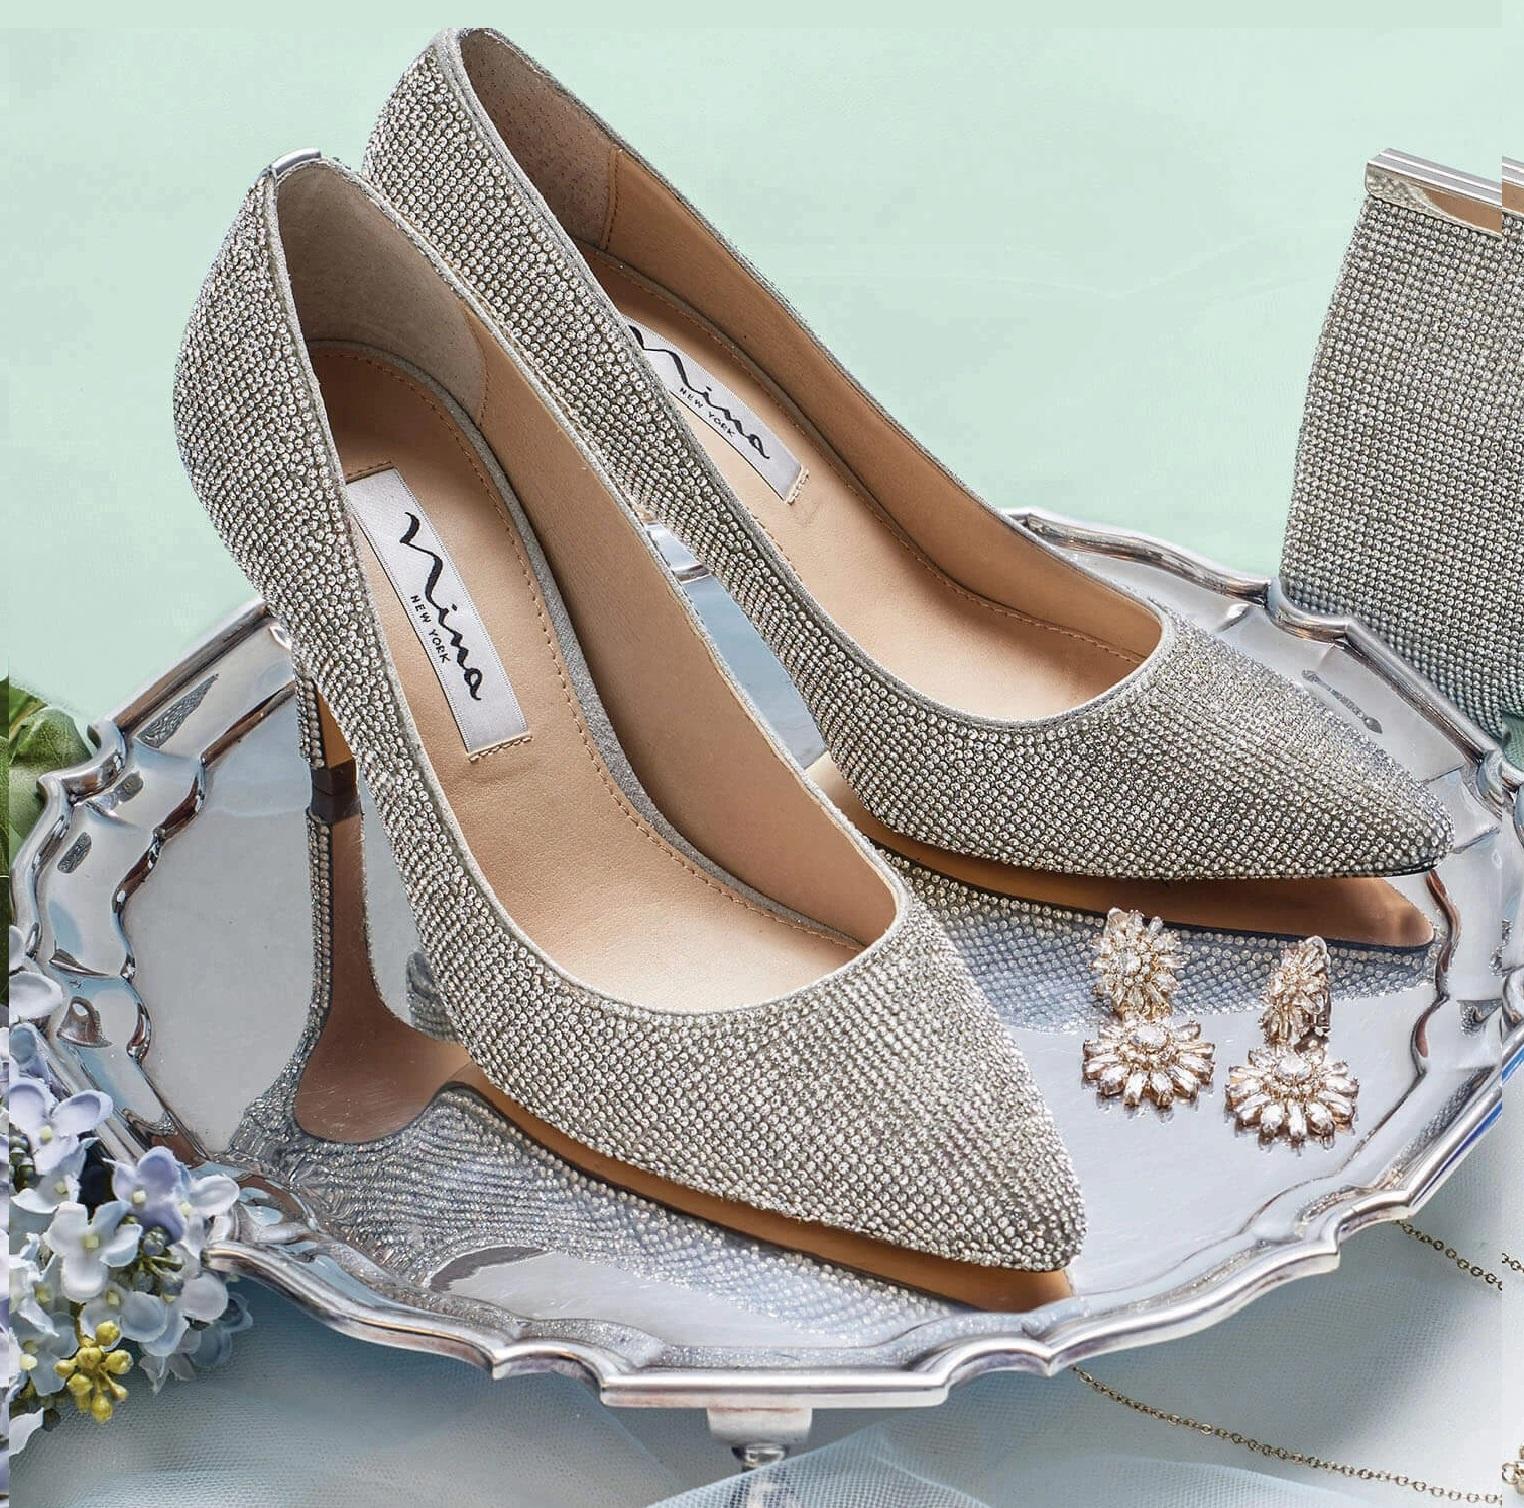 Nina Shoes 现有 折扣专区女士单鞋